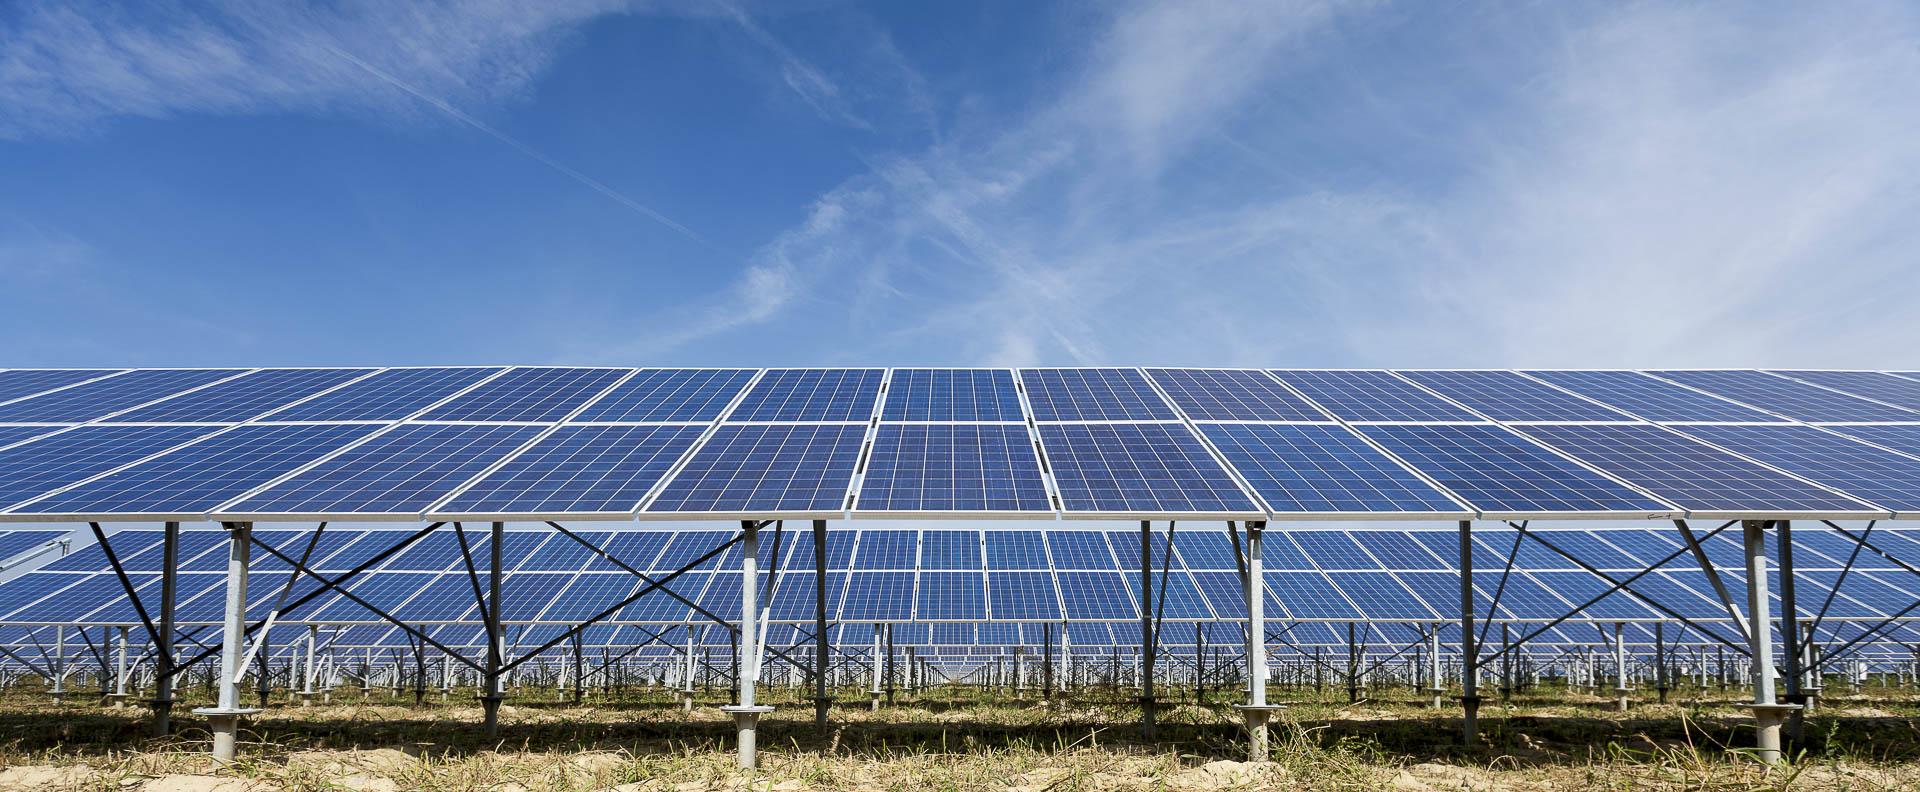 Parco produzione energia dal sole rinnovabile sostenibile Alessandria sud pannelli solari